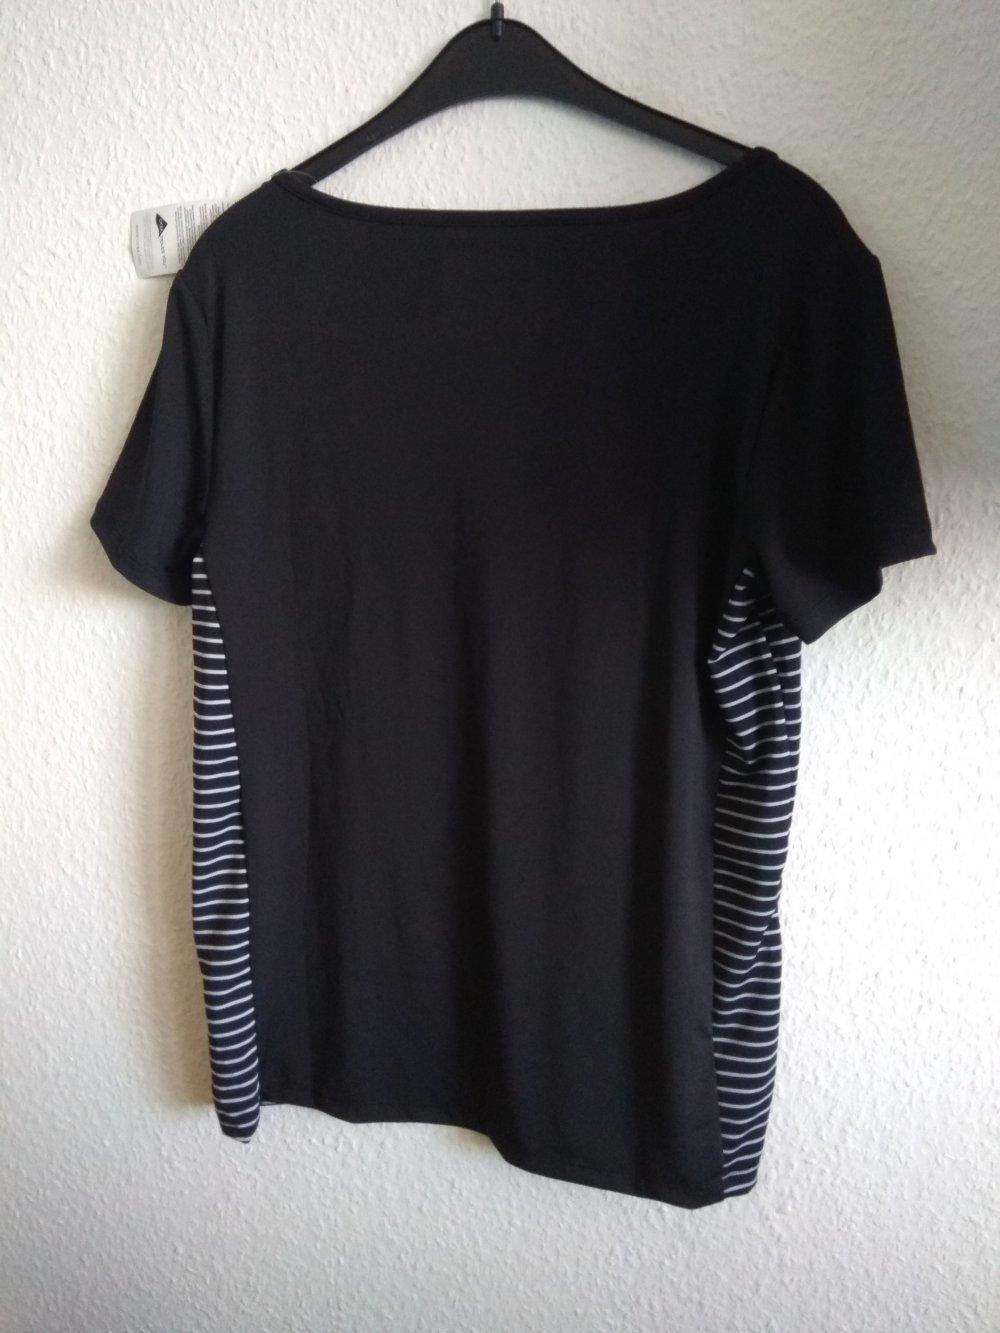 1e75bc7272f0d5 Crivit - schwarzes Sport-T-Shirt mit seitlichen weißen Streifen ...